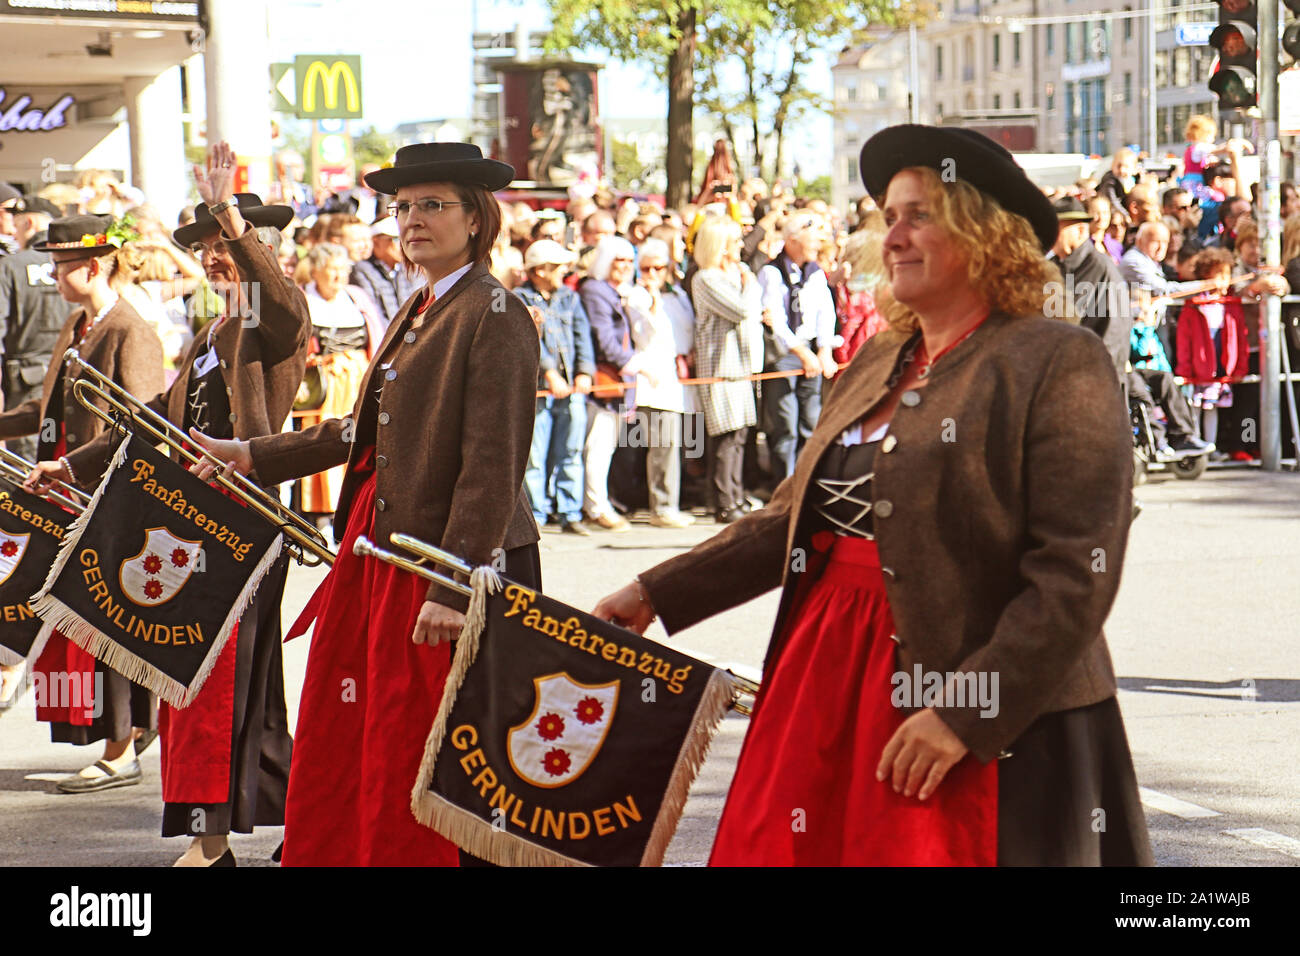 MUNICH, Alemania - 22 de septiembre de 2019 la gran entrada de la Oktoberfest, terratenientes y cervecerías, festivo desfile de carrozas decoradas magnífico y prohibir Foto de stock